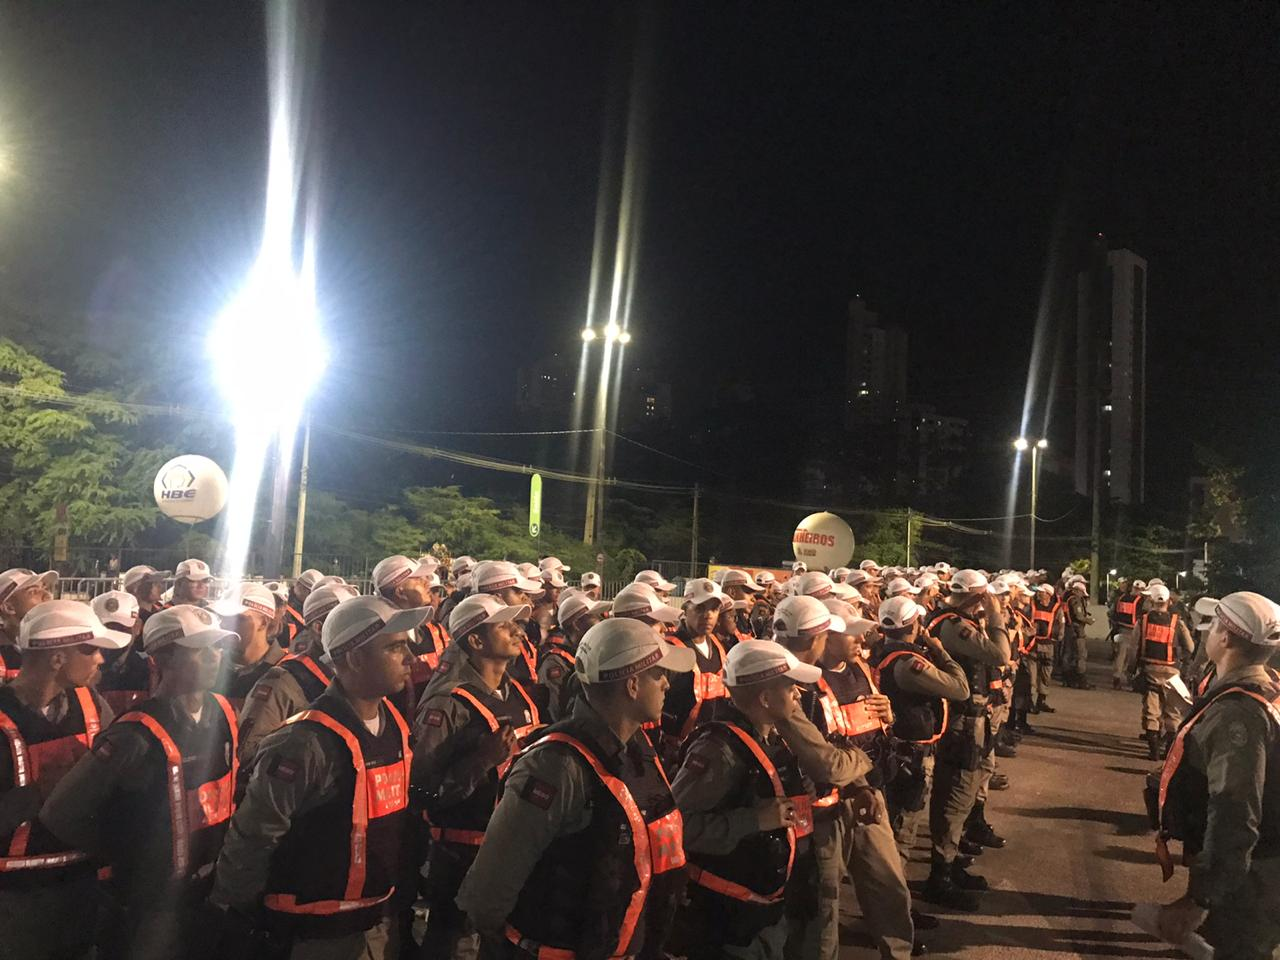 56ae53cf a69b 4012 ae81 88bc4880b183 - Justiça decreta ilegal movimento grevista de policiais na Paraíba e fixa multa de R$ 500 mil em caso de descumprimento de decisão; LEIA ÍNTEGRA